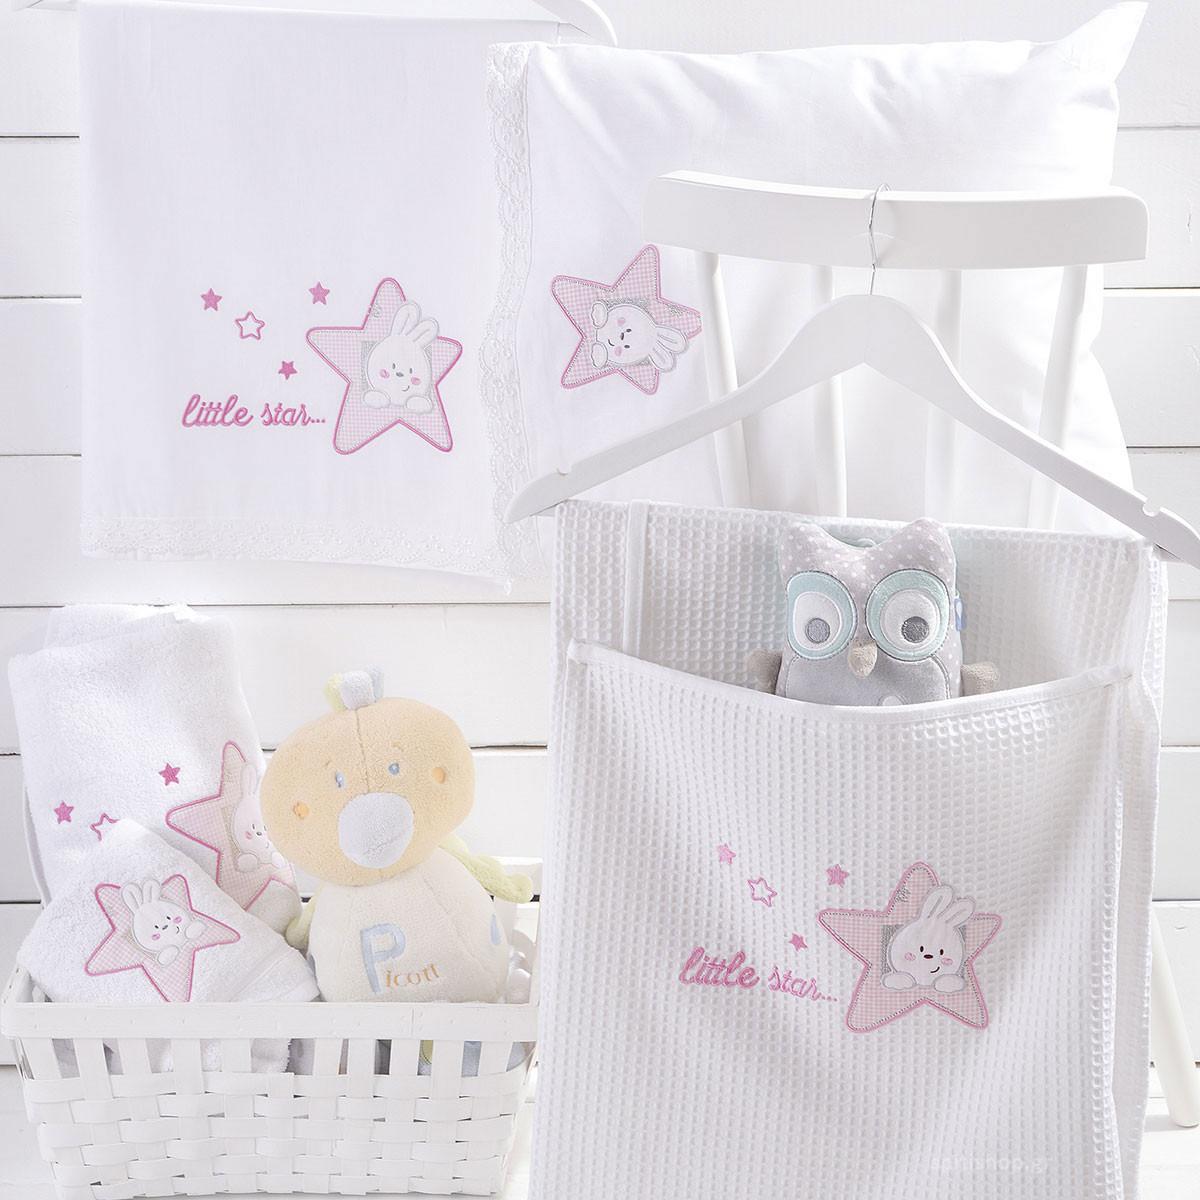 Κουβέρτα Πικέ Κούνιας Rythmos Astro Pink home   βρεφικά   κουβέρτες βρεφικές   κουβέρτες καλοκαιρινές